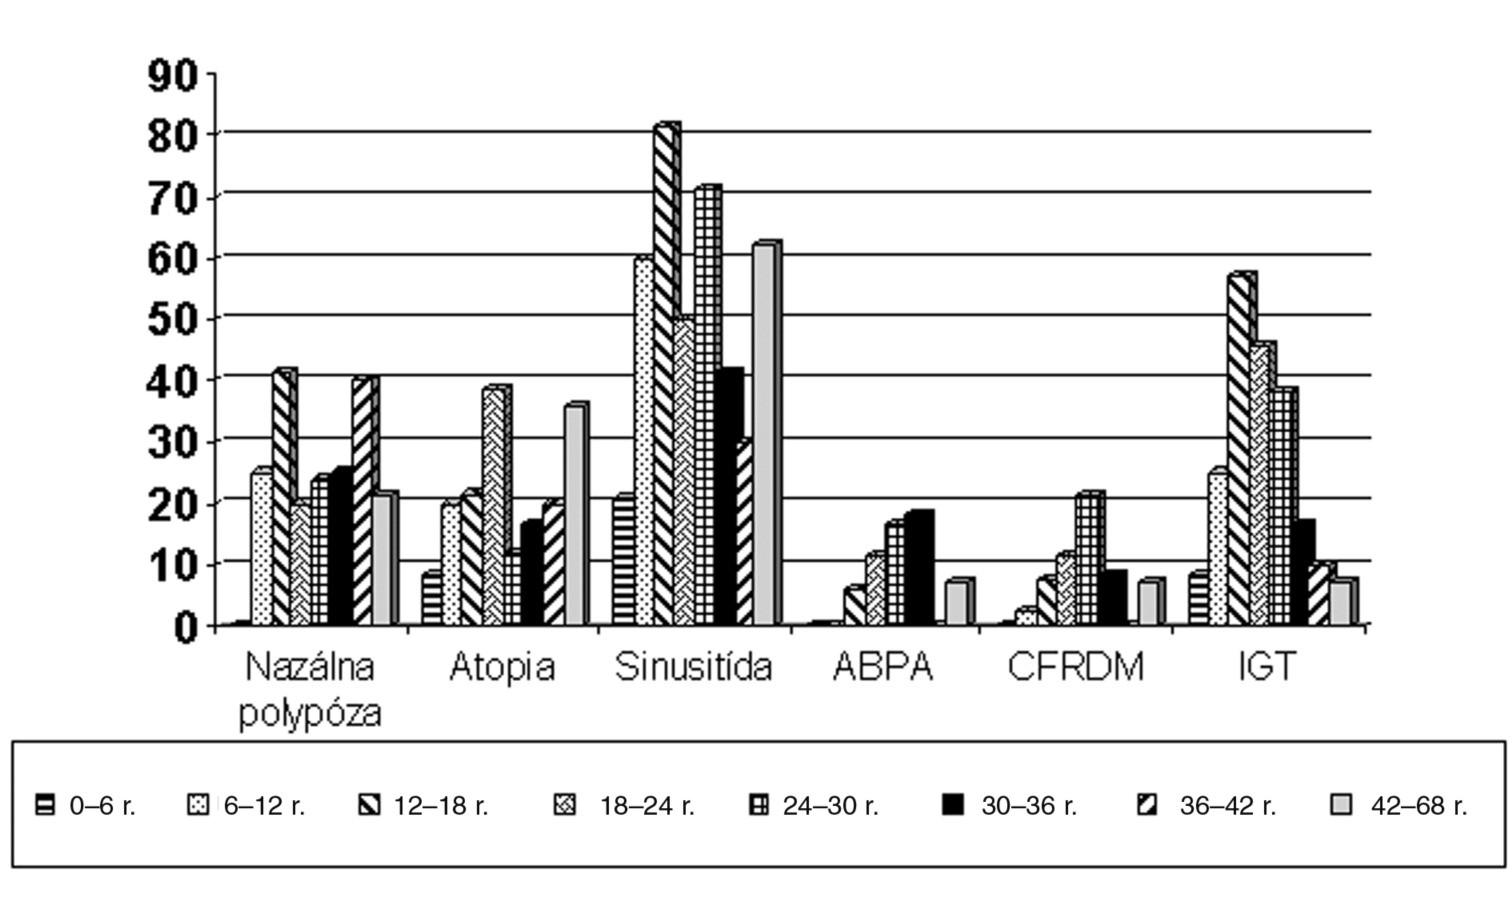 Výskyt ostatných klinických prejavov u CF pacientov. Výskyt nazálnej polypózy je 21,4 % u detí nad 6 rokov. U mladších detí je diagnostika nedostatočná (CT, ORL vyšetrenie). Chronickú sinusitídu má až 59,3 %. U pacientov vo veku 18–36 rokov je výskyt alergickej bronchopulmonálnej aspergilózy až 15 %. Atopiu (hypersenzitívnu reakciu I. typu na inhalačné alergény) má viac ako 23 % CF pacientov. Porucha tolerancie glukózy overená orálnym glukózu tolerančným testom je zjavná u detí od 6 rokov veku, najvyššia je medzi 12. a 30. rokom veku – takmer 40 % pacientov. Potreba inzulinoterapie pri CFRDM je u 5,7 % pacientov. Skratky: ABPA – alergická bronchopulmonálna aspergilóza, CFRDM – CF related diabetes mellitus, IGT – impaired glucose tolerance (porucha tolerancie glukózy)